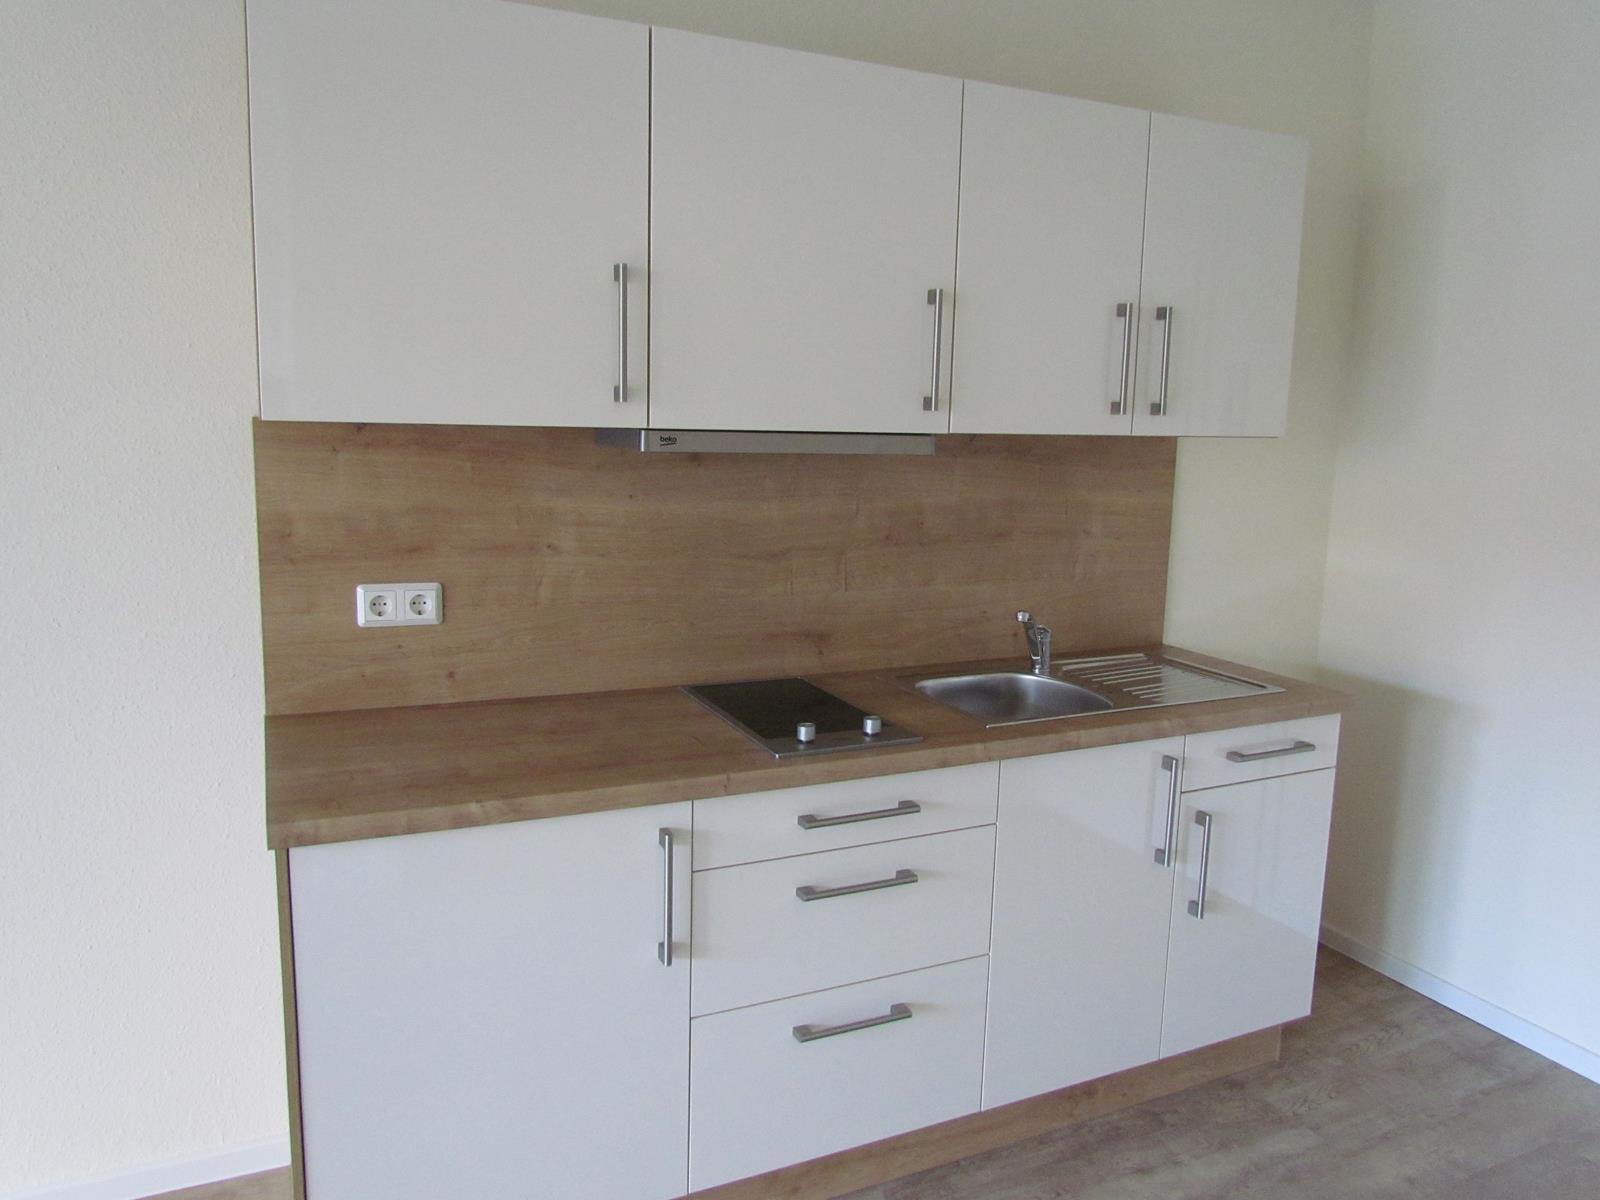 Einraumwohnung Standard Küche